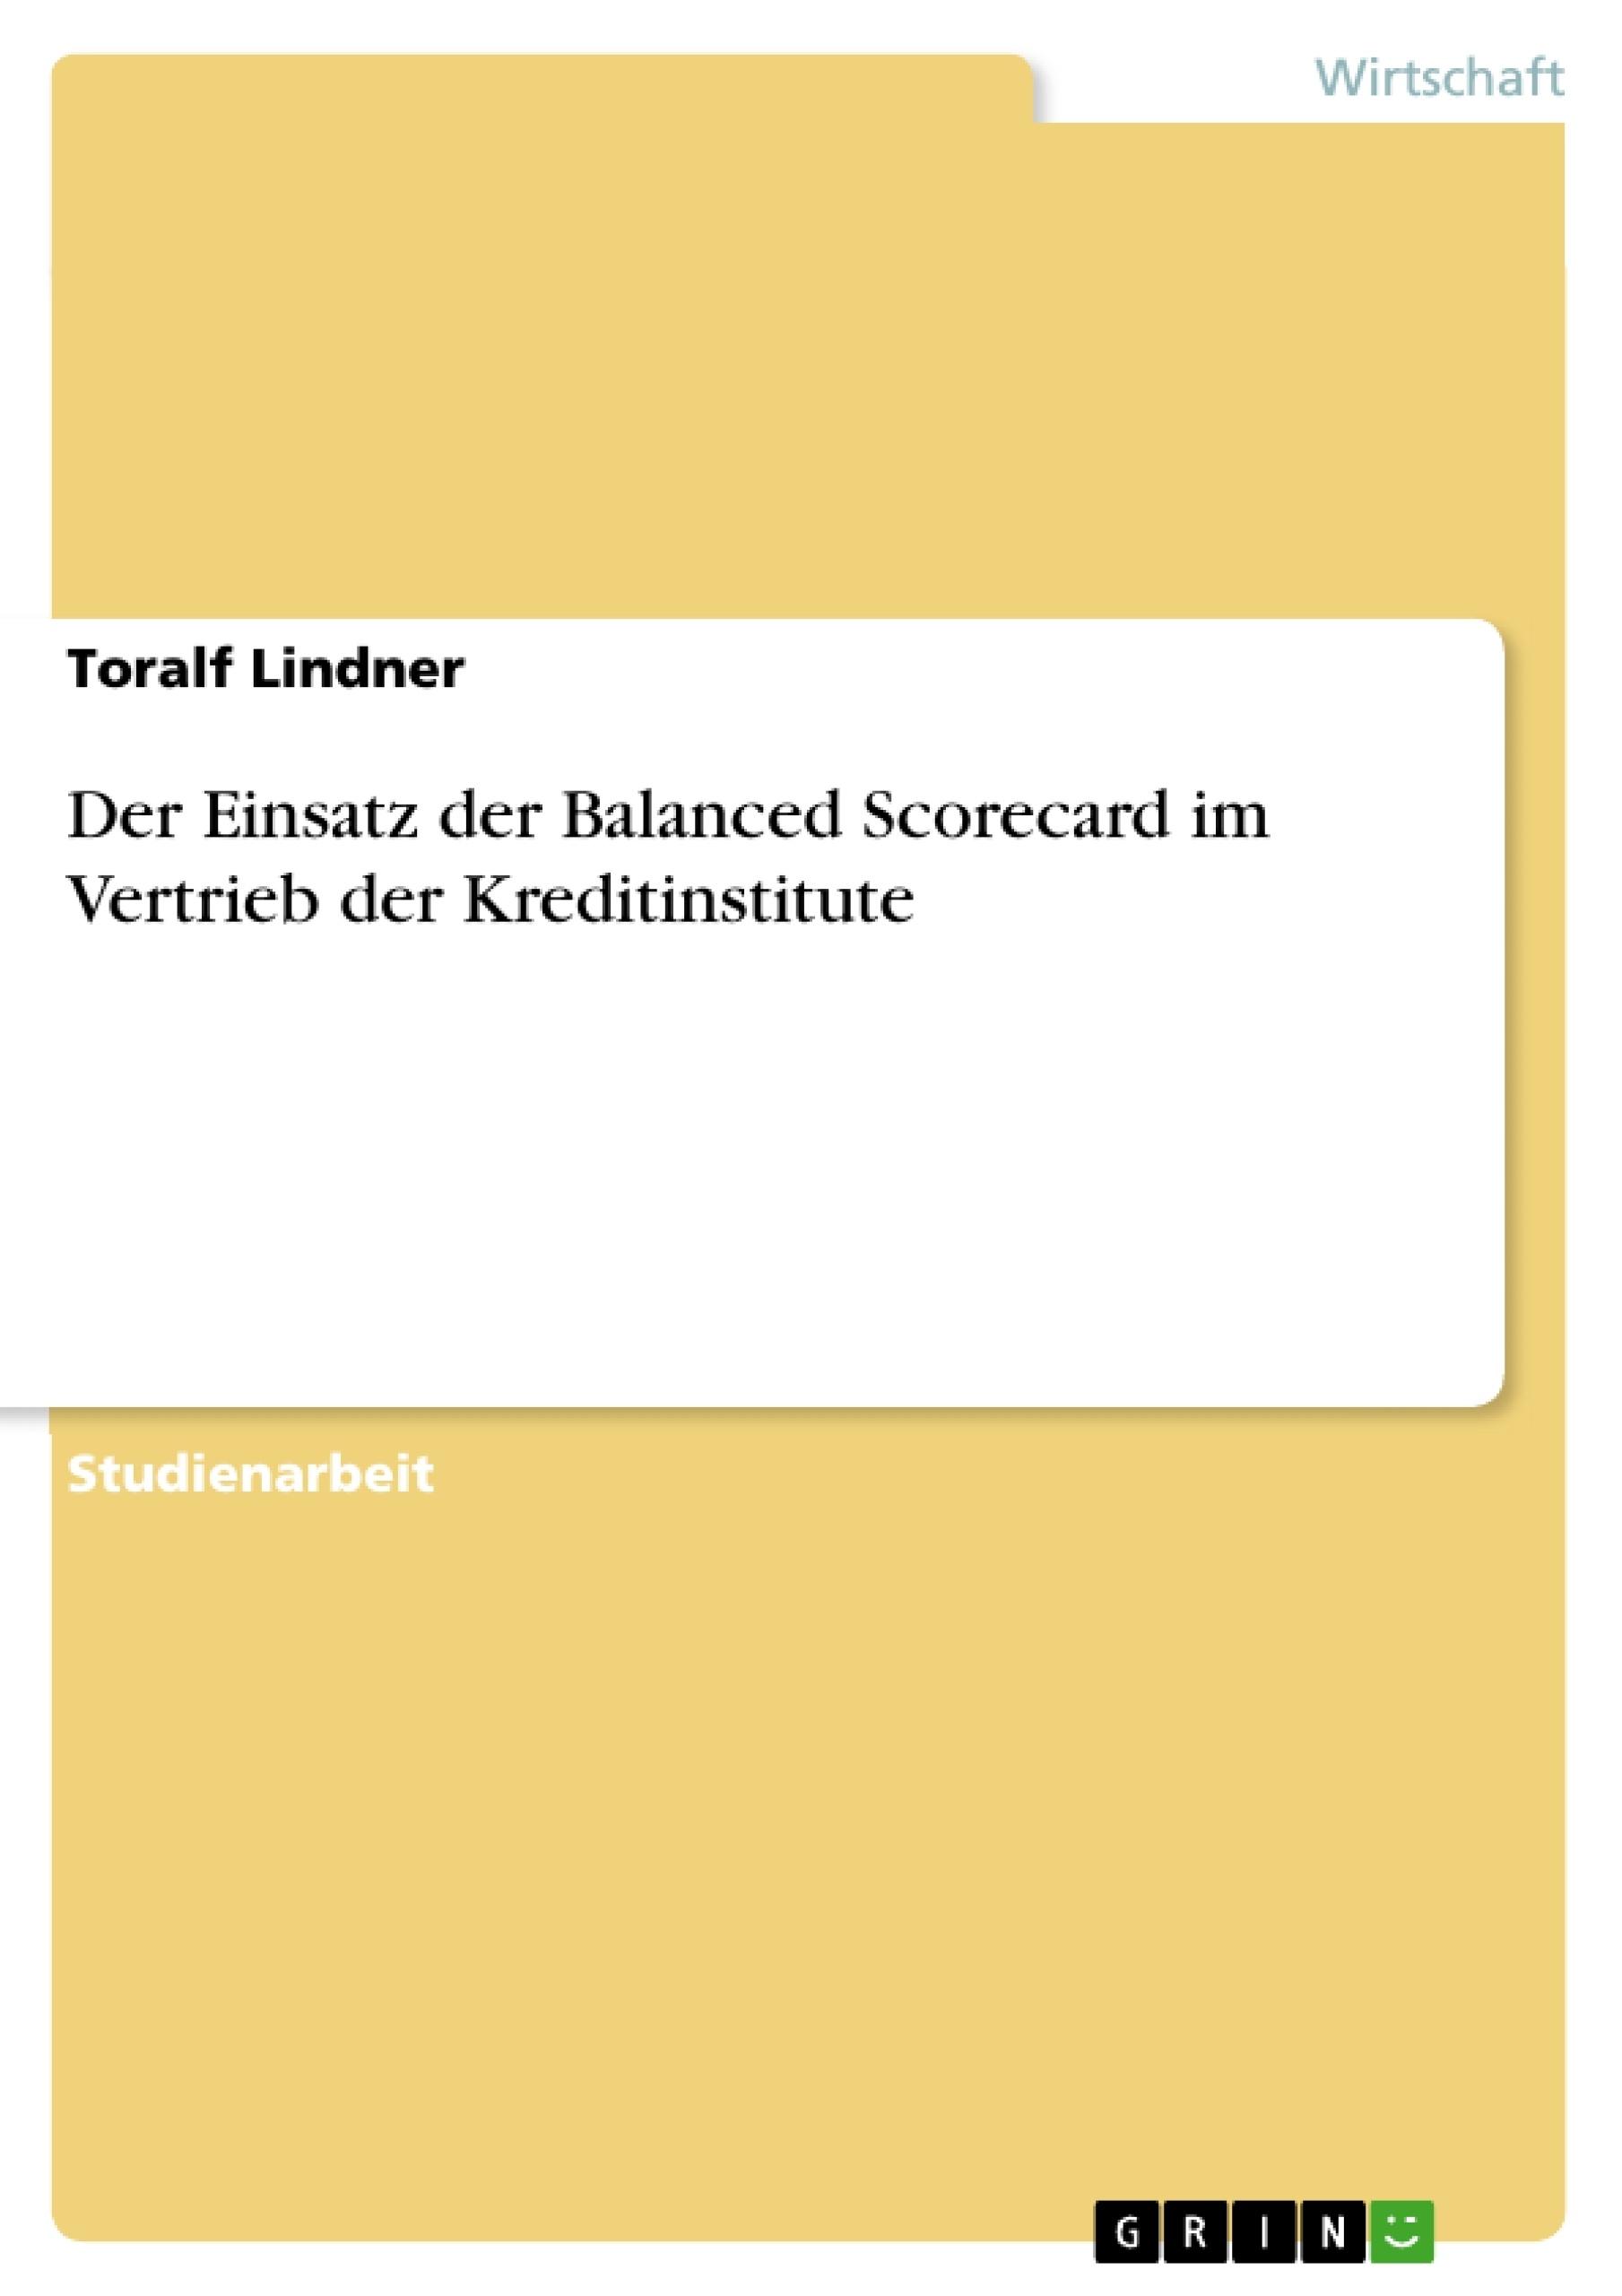 Titel: Der Einsatz der Balanced Scorecard im Vertrieb der Kreditinstitute